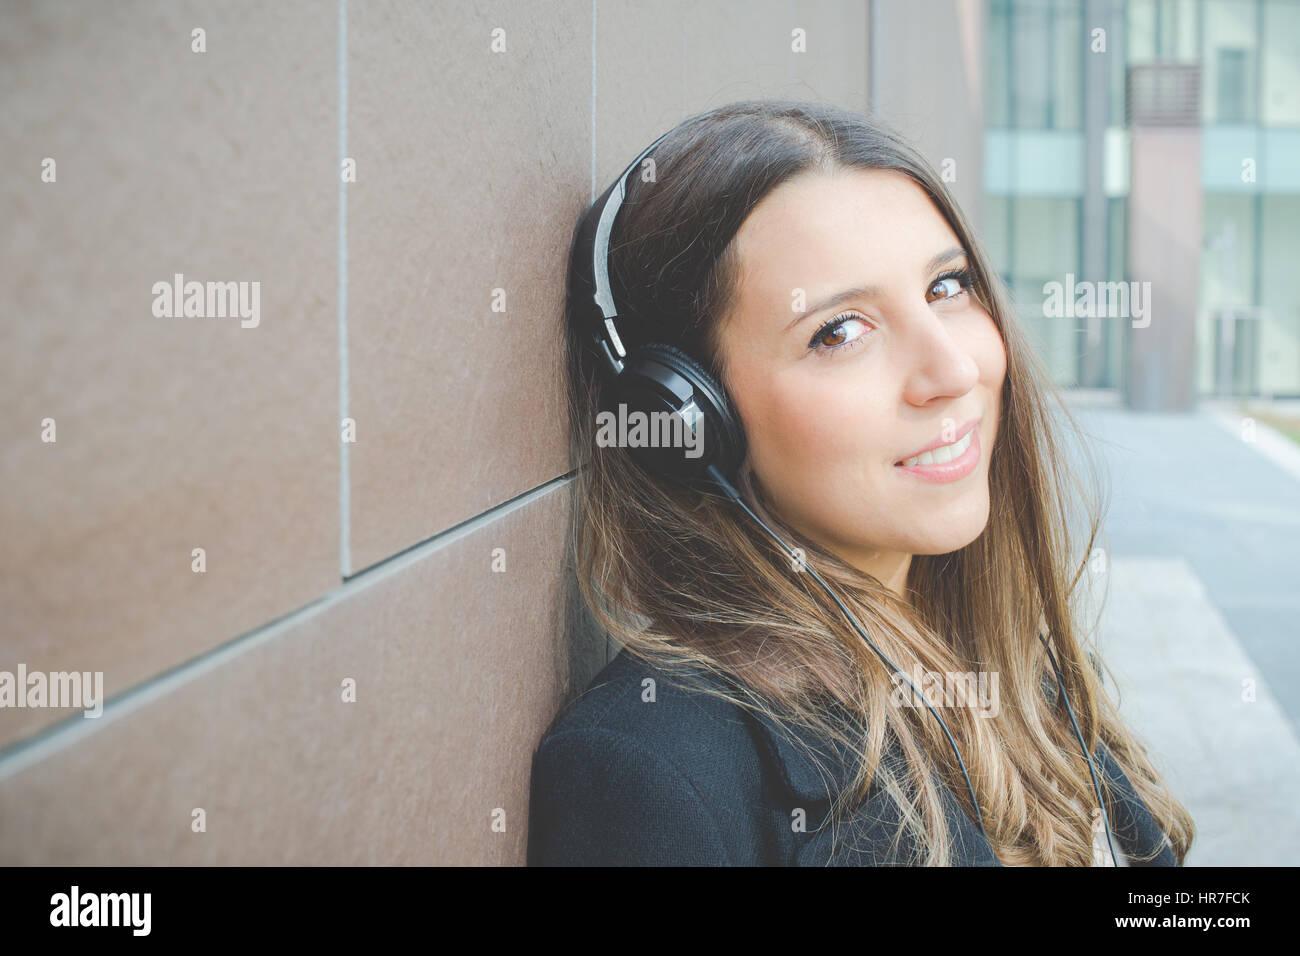 authentische junge Geschäftsfrau entspannt anhören von Musik in der Stadt Stockbild